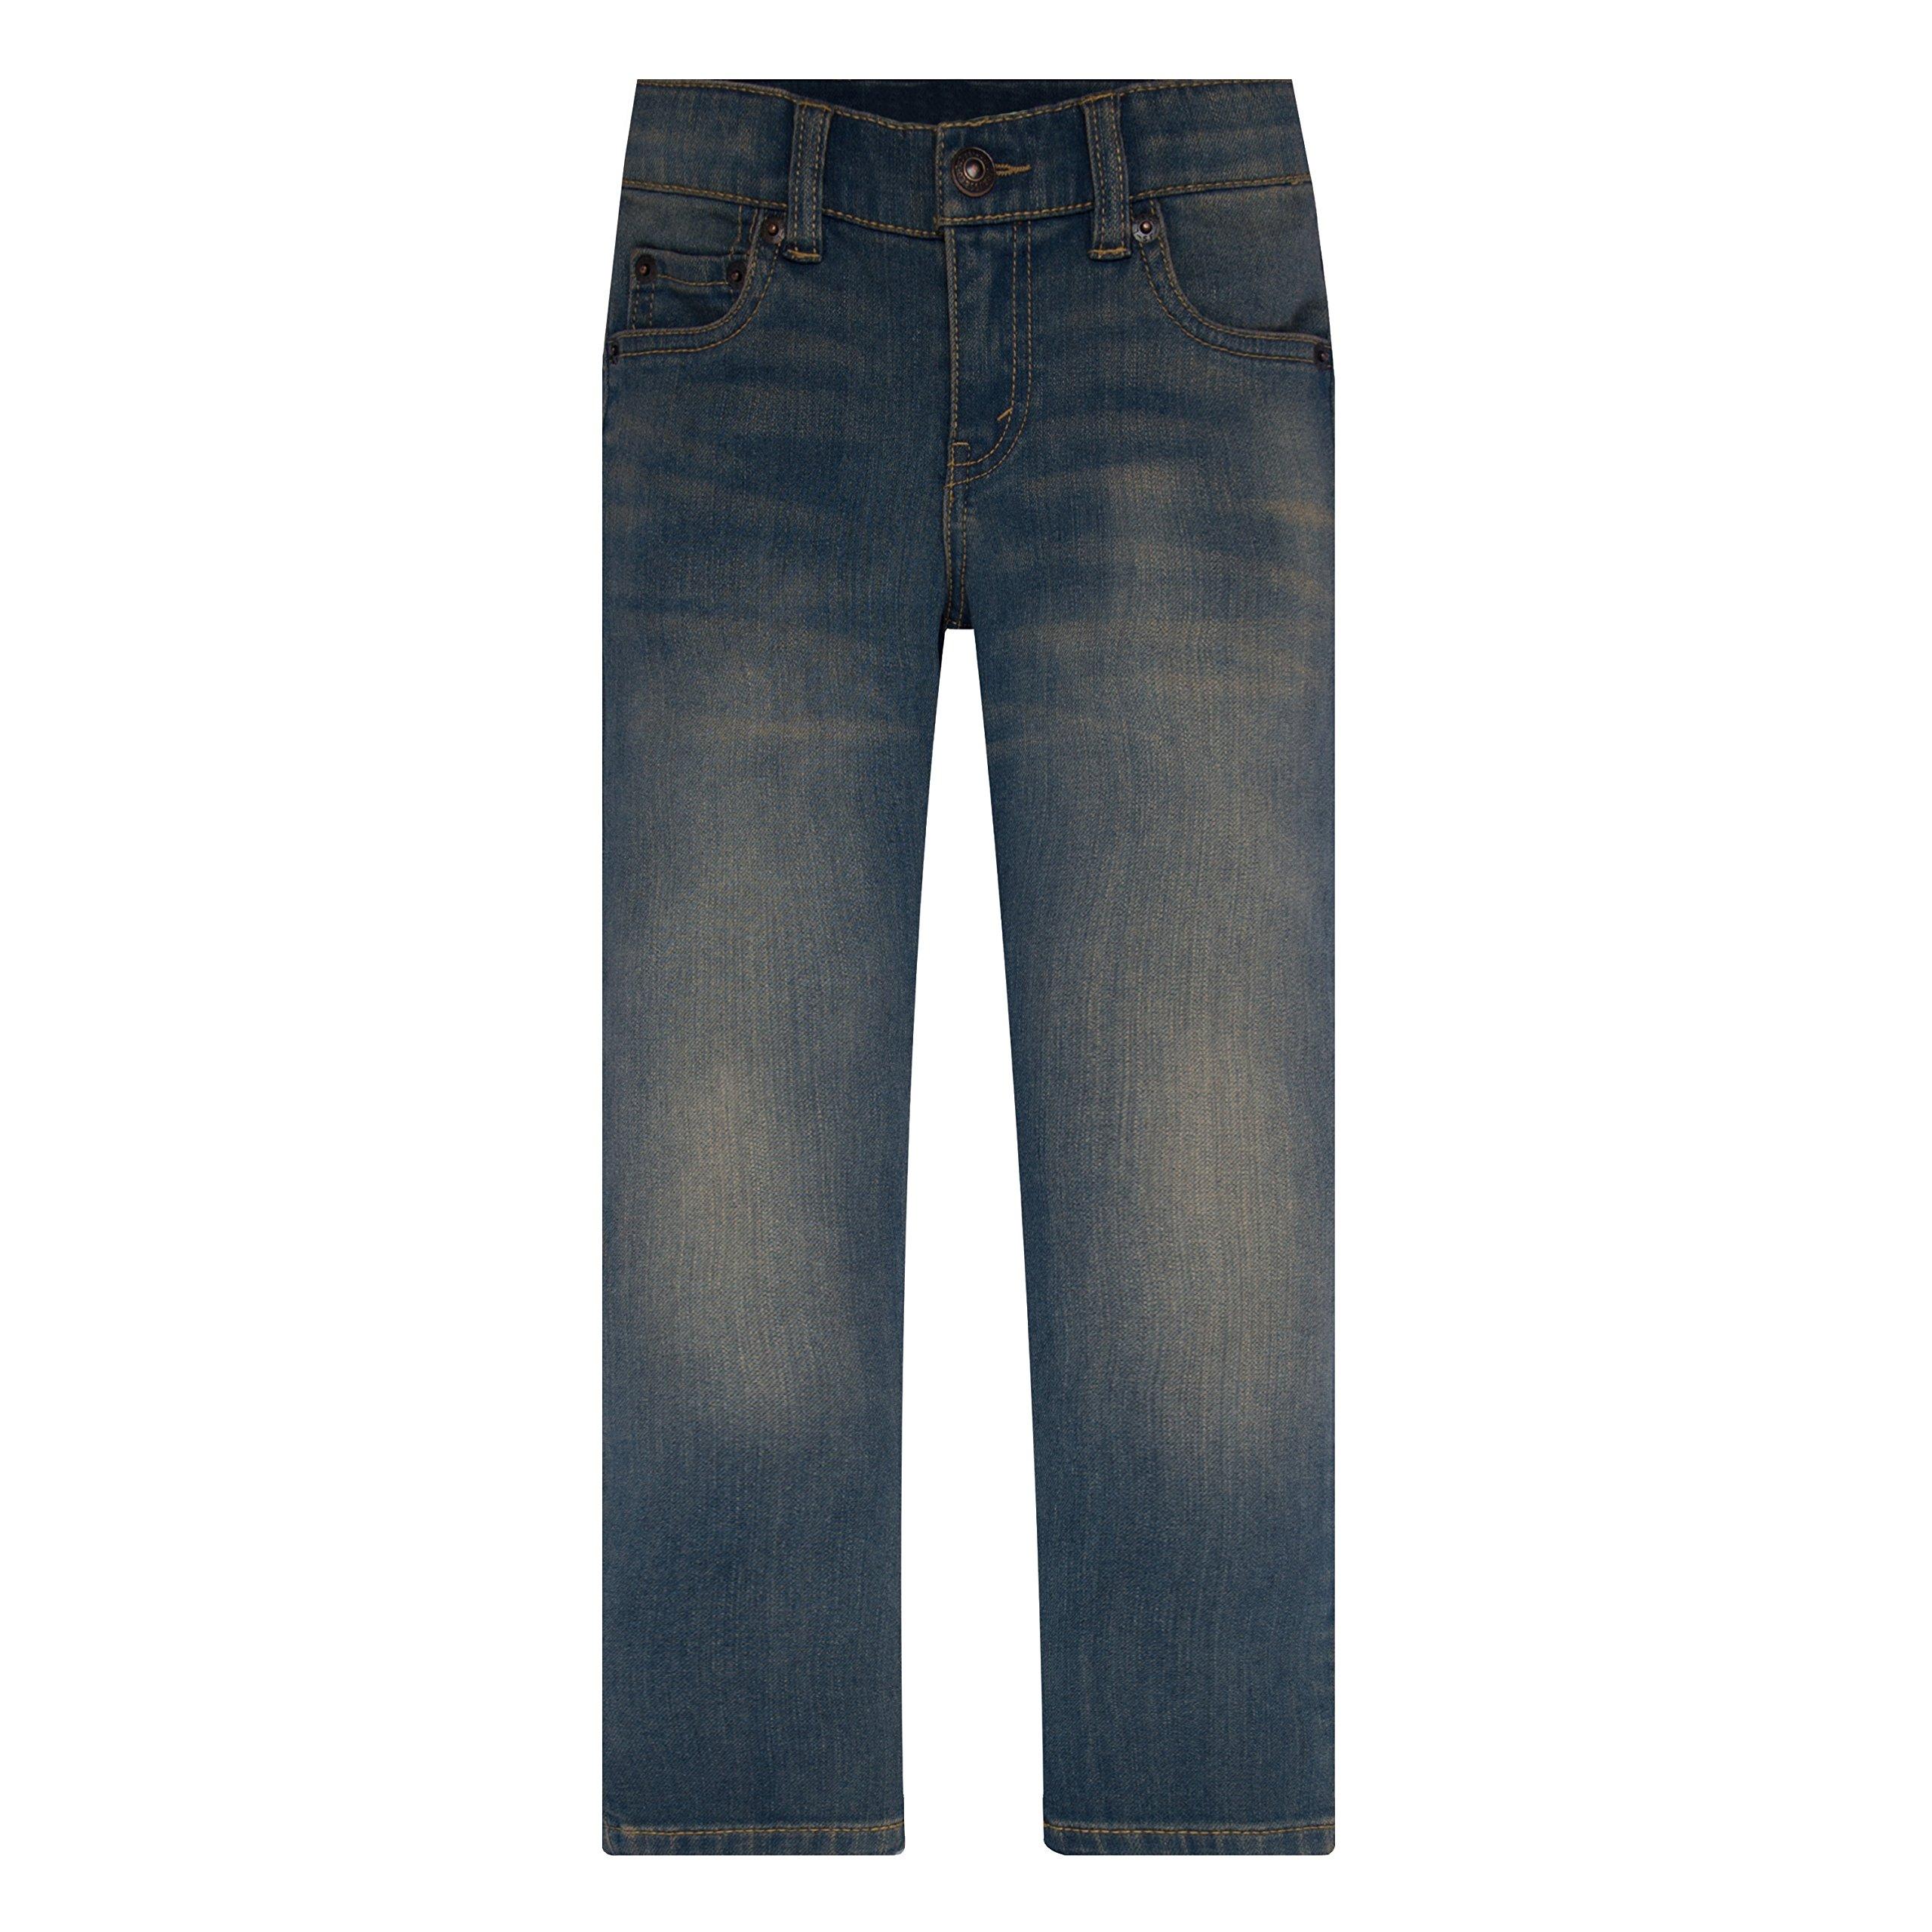 Levi's Big Boys' 510 Skinny Fit Jeans, Vintage Peak, 20